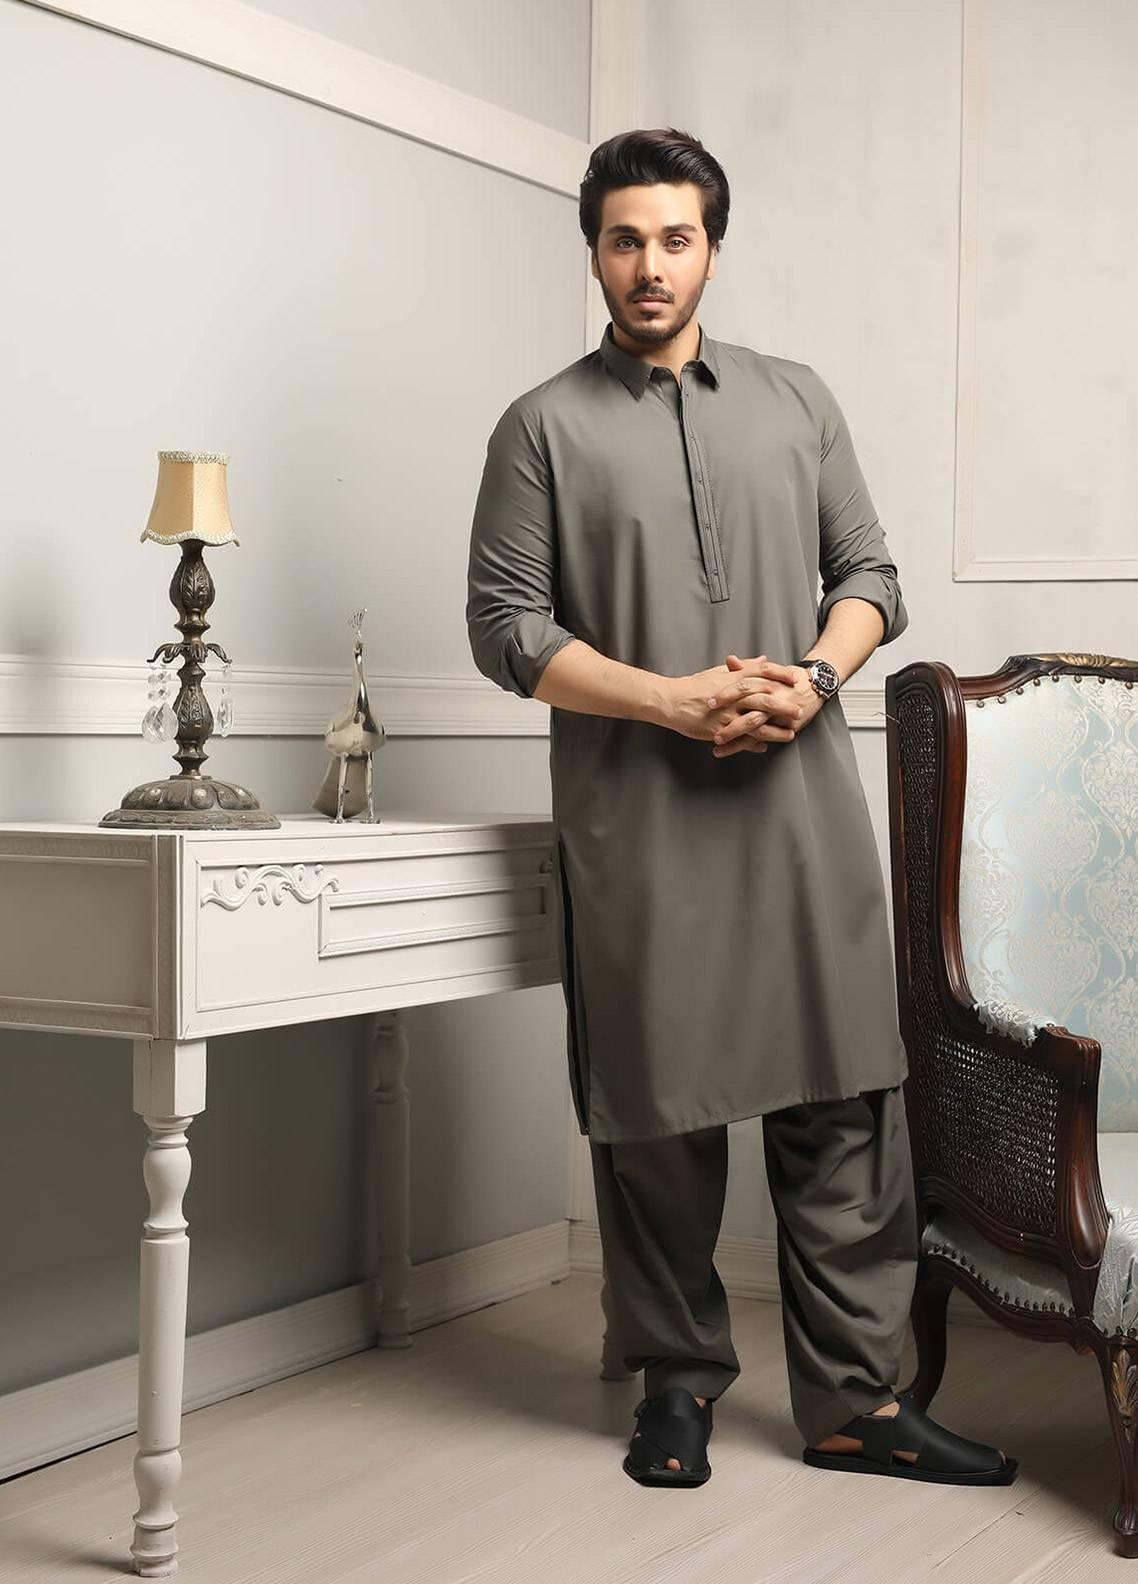 595270f652 Safeer by Edenrobe EMUC18-REDIANCE Cotton Unstitched Men's Kameez Shalwar  Fabric. Online only